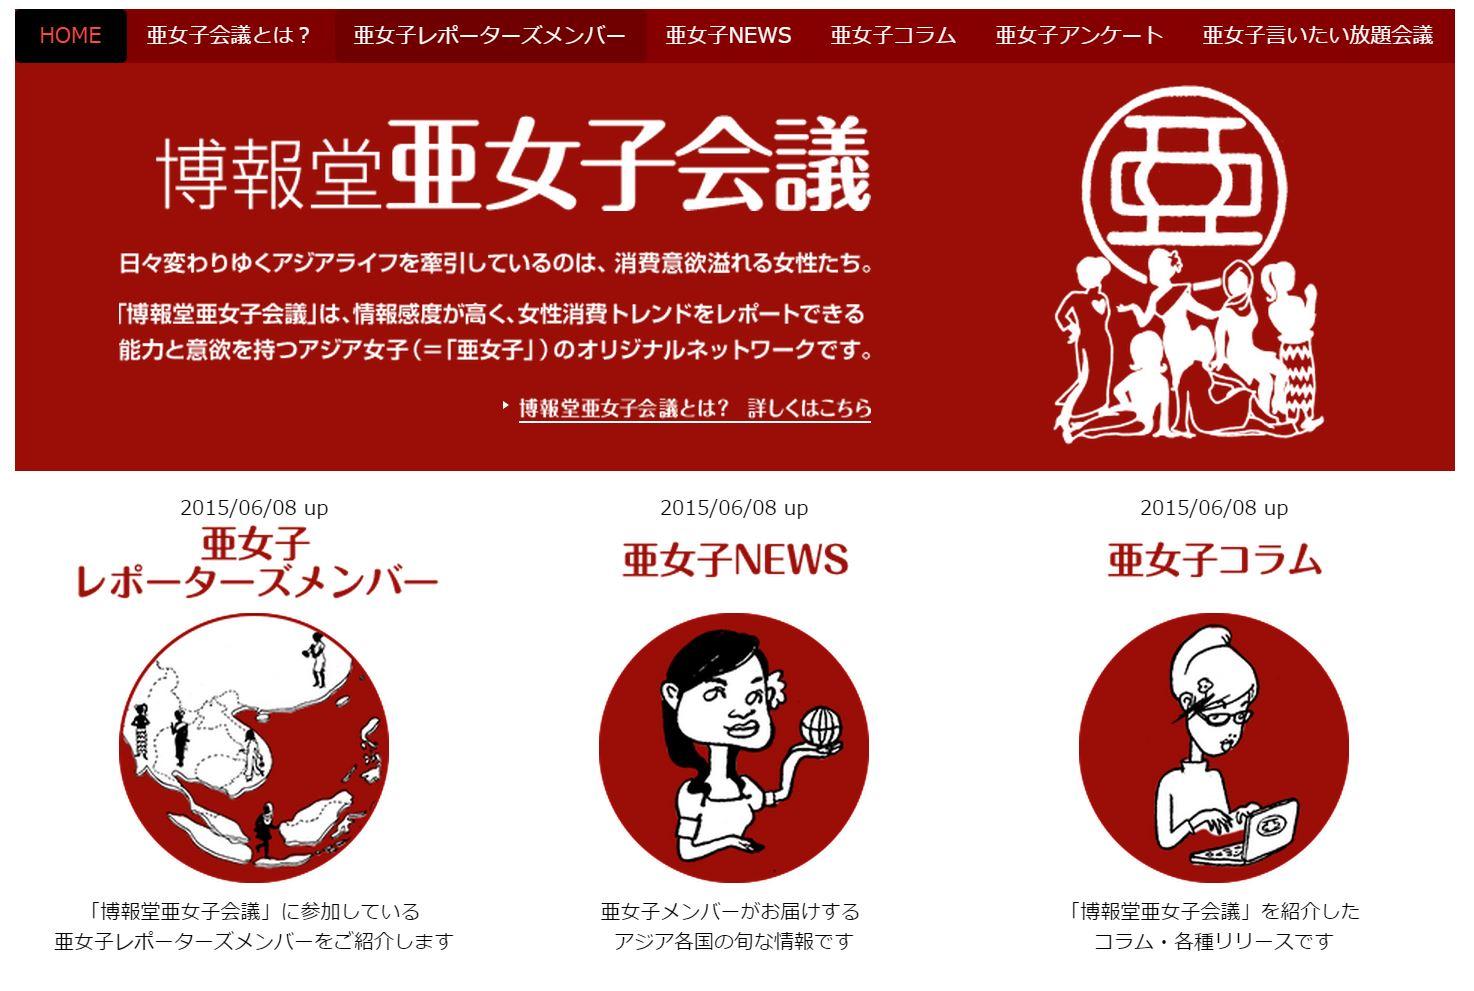 アジア7か国の「女子会議」で消費トレンド把握、博報堂がレポーター組織を結成